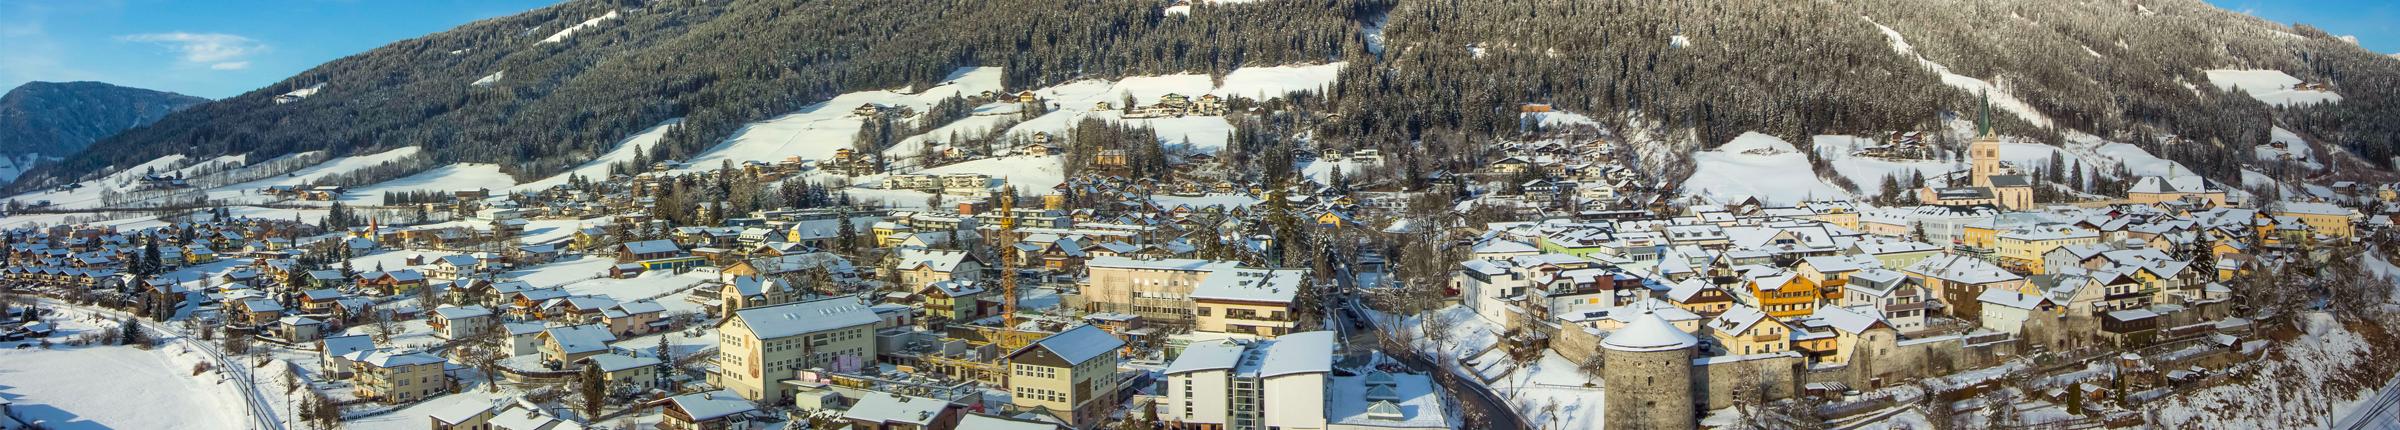 Radstadt Winter 2016